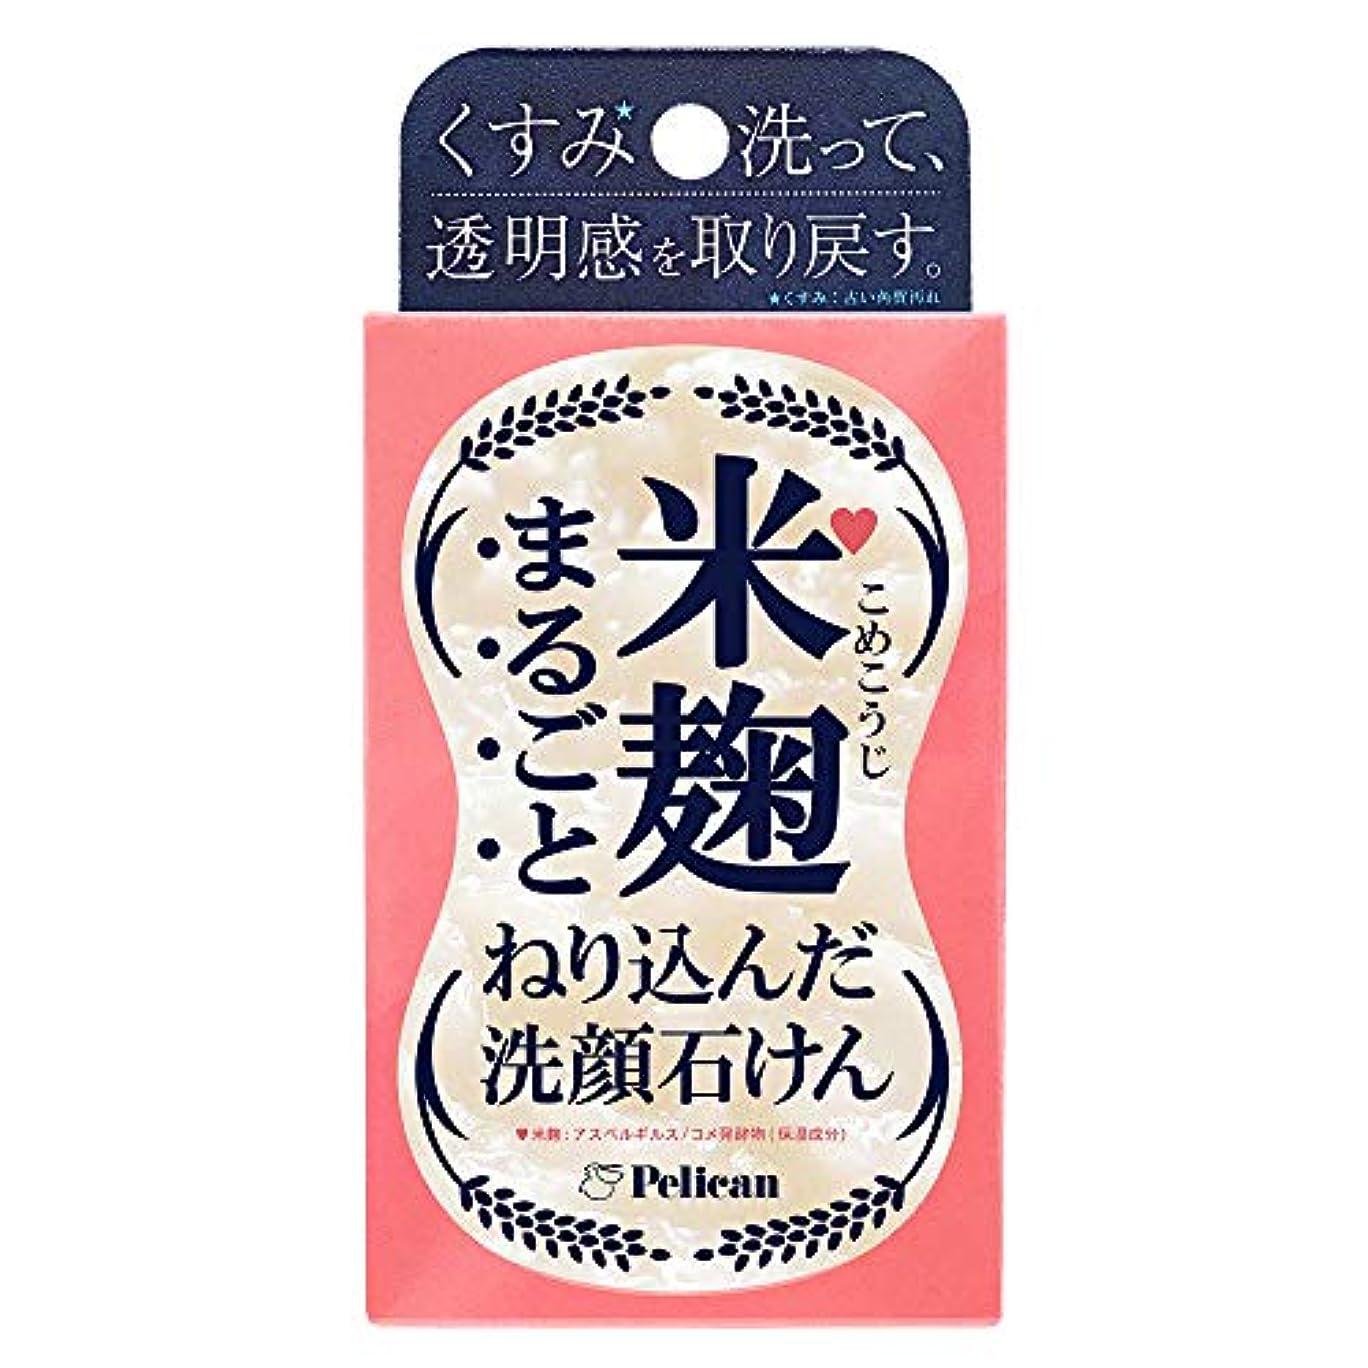 バンケット反響する対話ペリカン石鹸 米麹まるごとねり込んだ洗顔石けん 75g